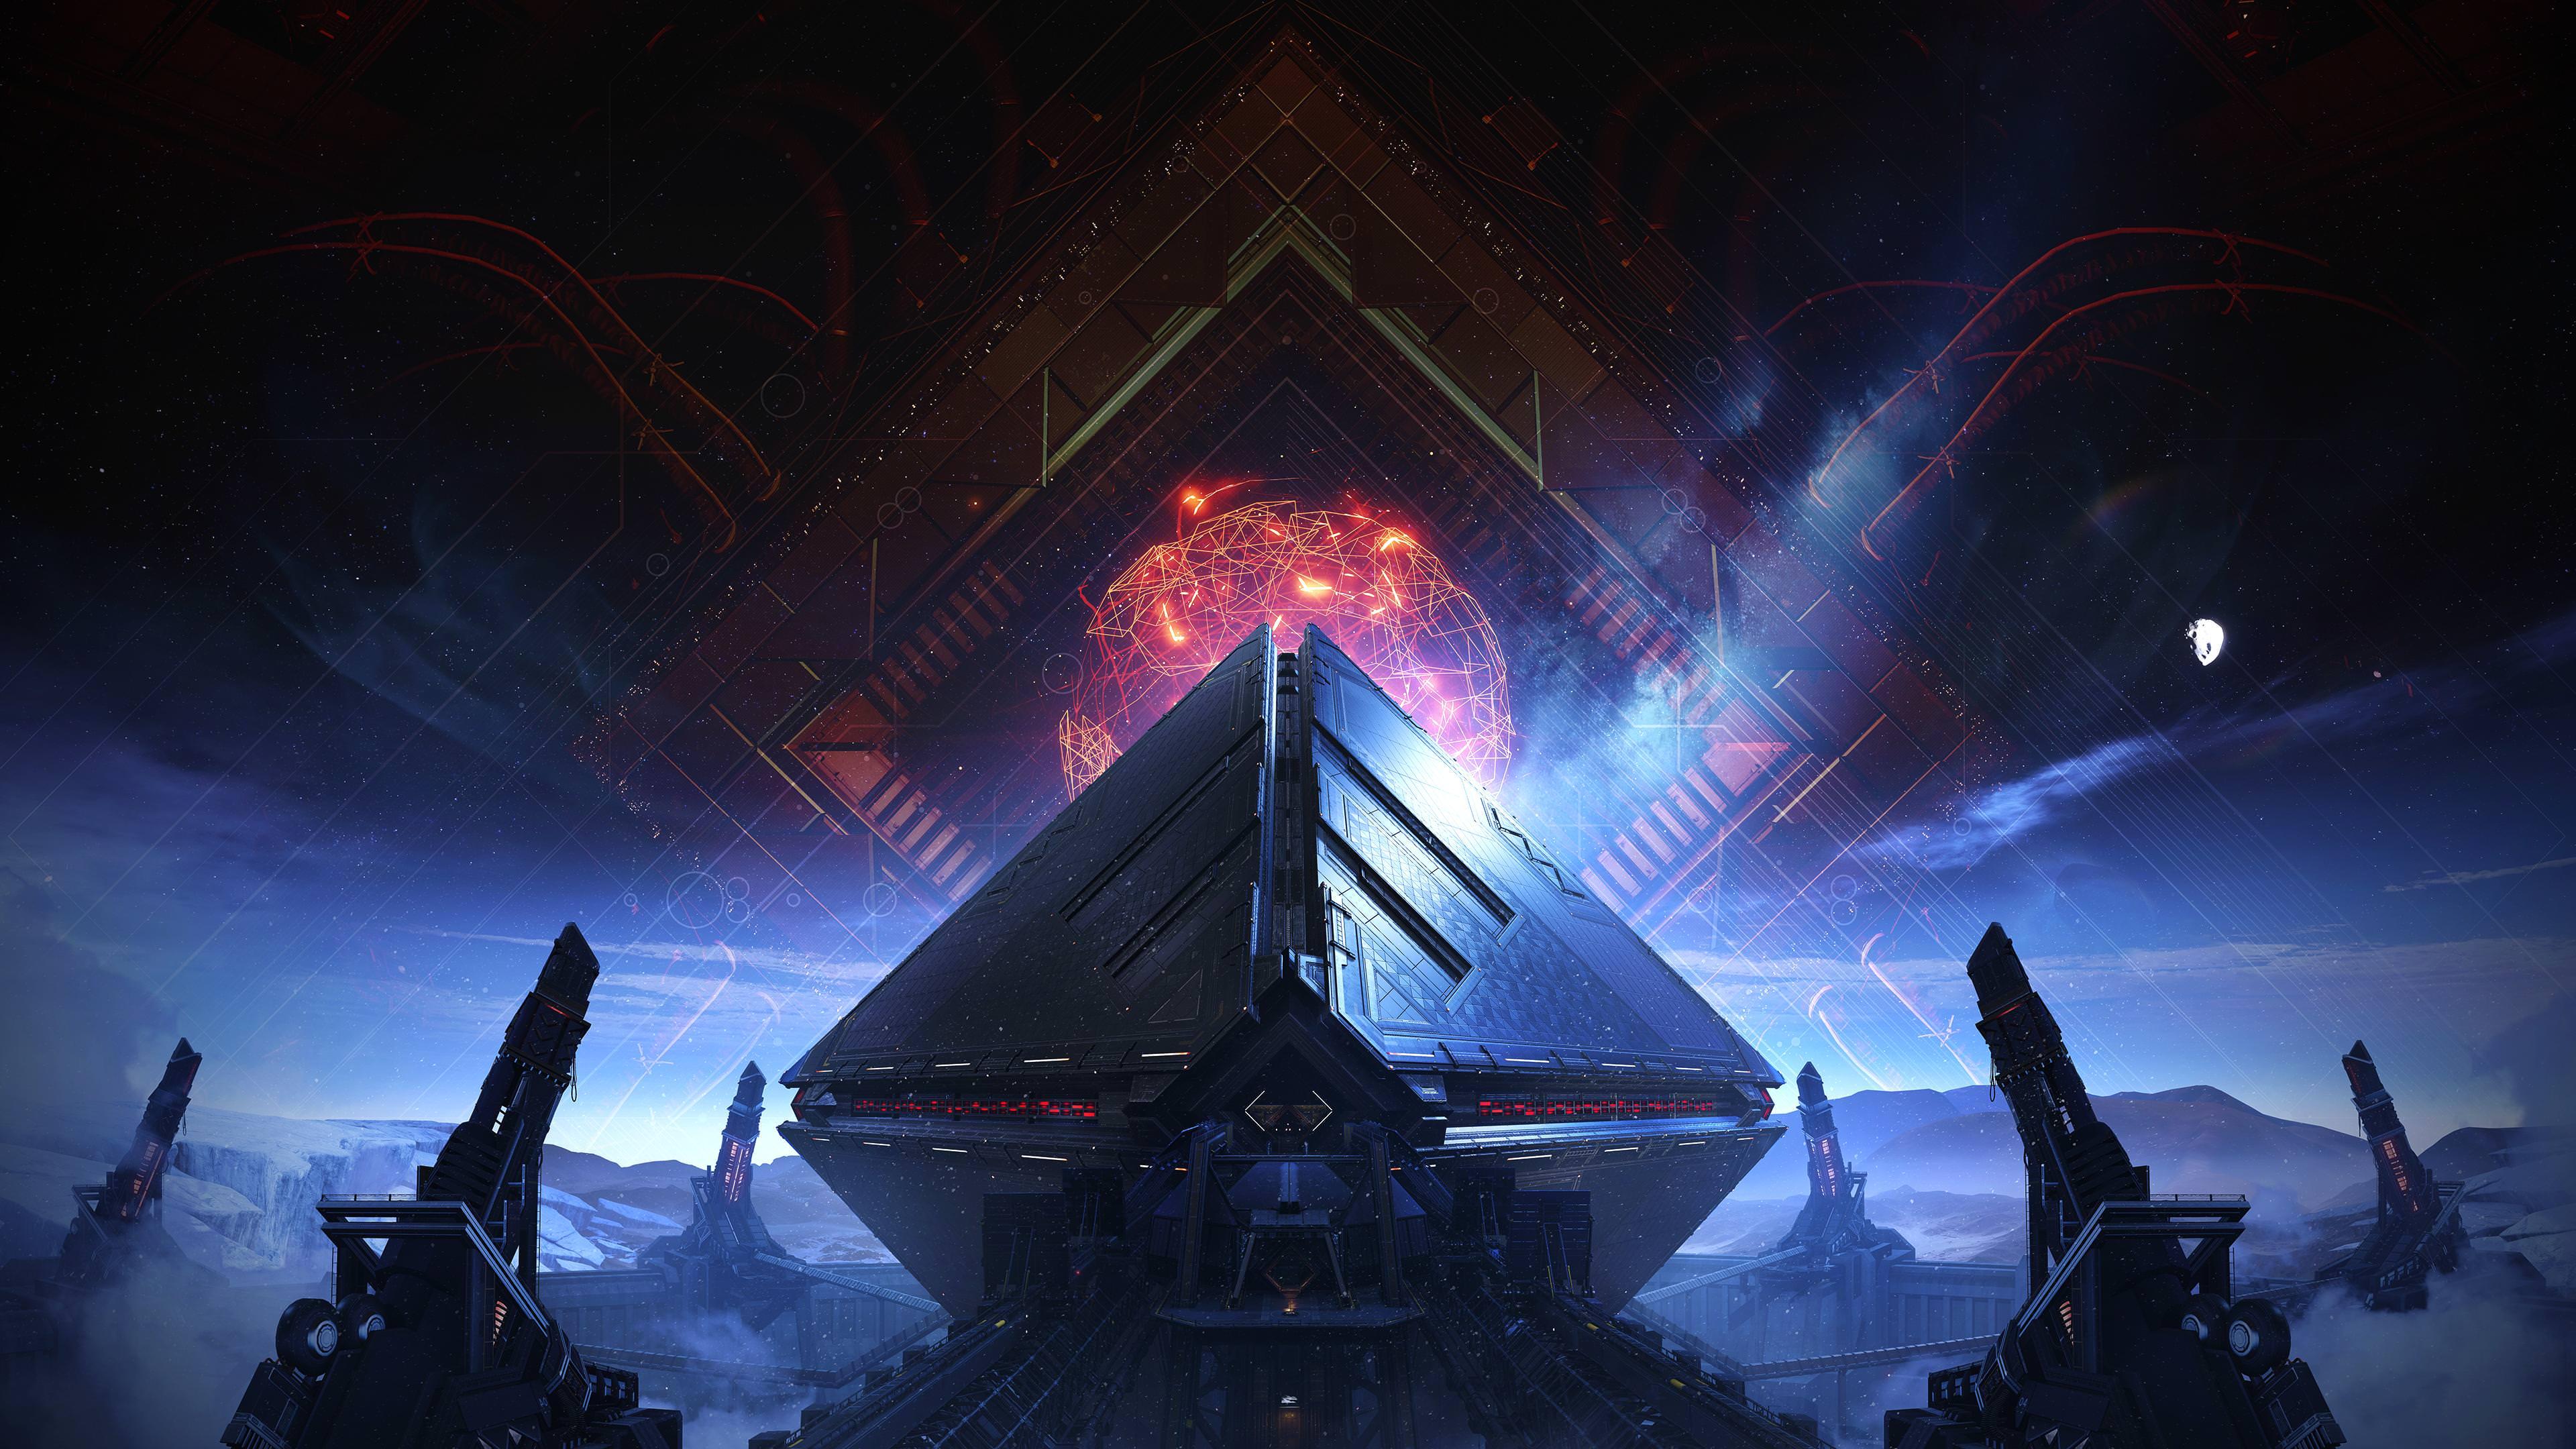 Destiny 2 Wallpaper Hd 1080p Destiny Wallpaper 1080p Forsaken